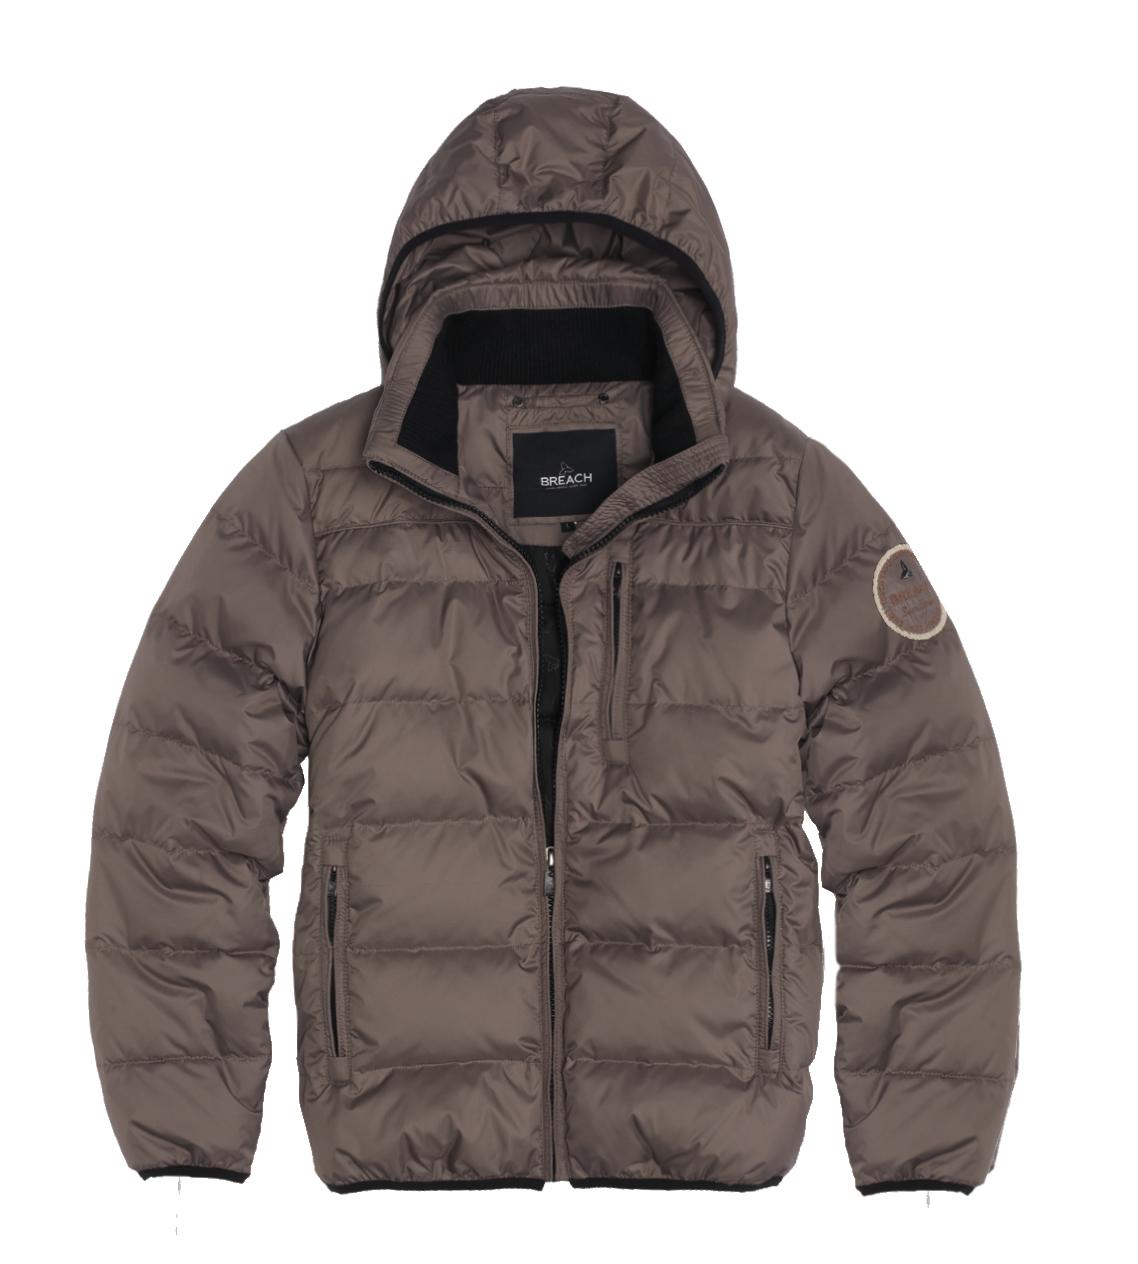 premium selection 10fd8 7defd Un eco inverno con il piumino di BREACH – EcoSpiragli di ...